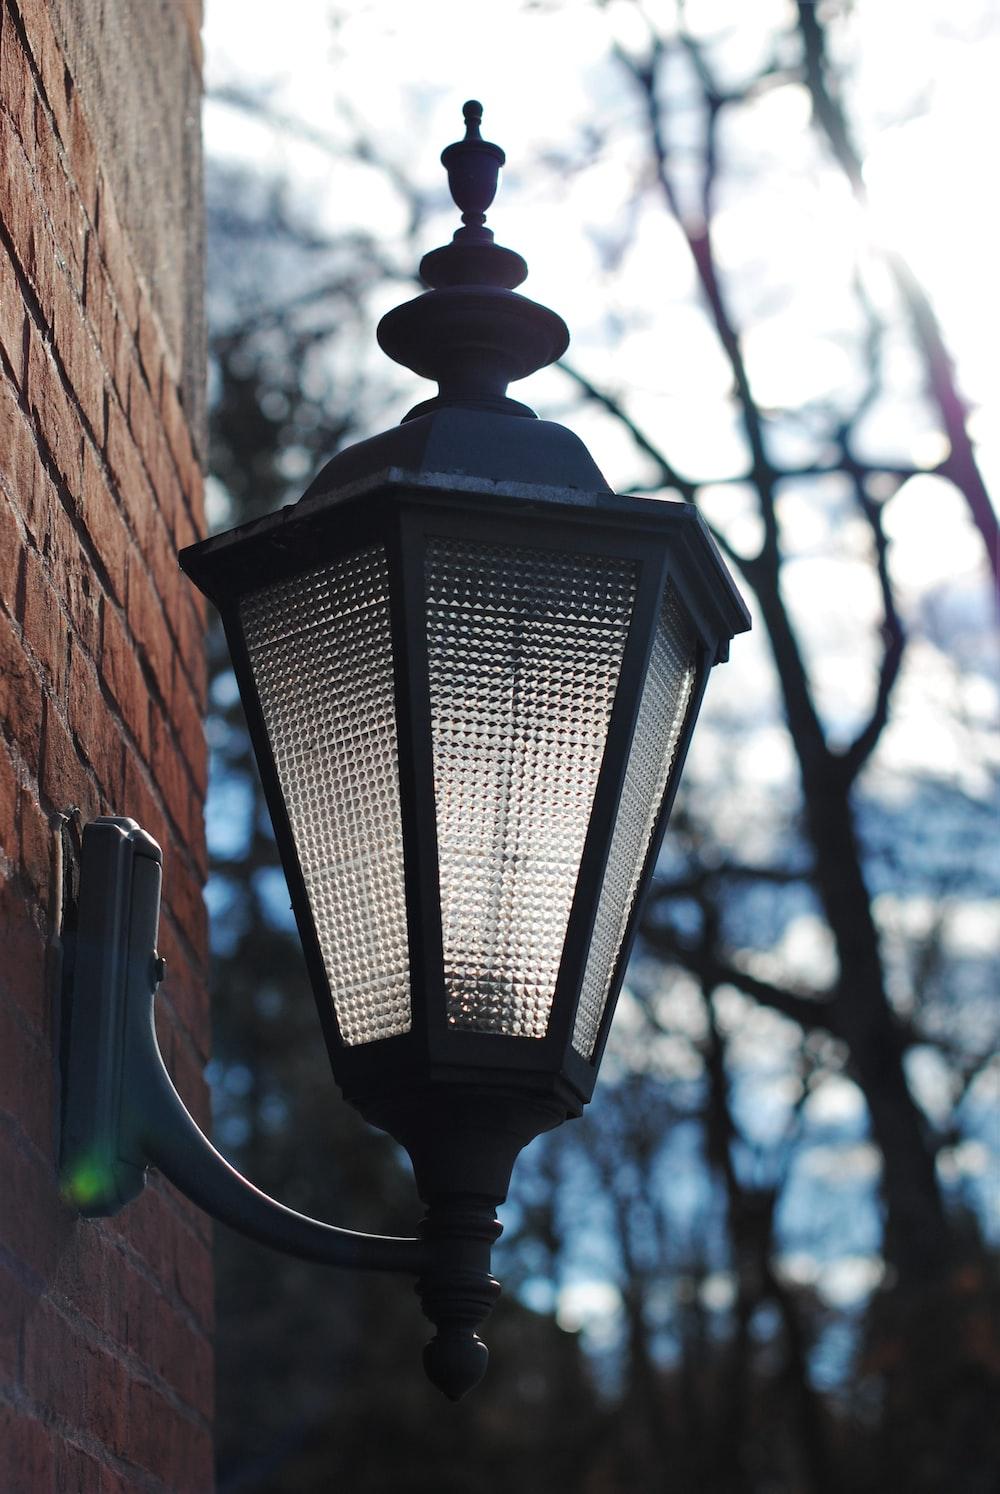 black lamp post near brown concrete wall